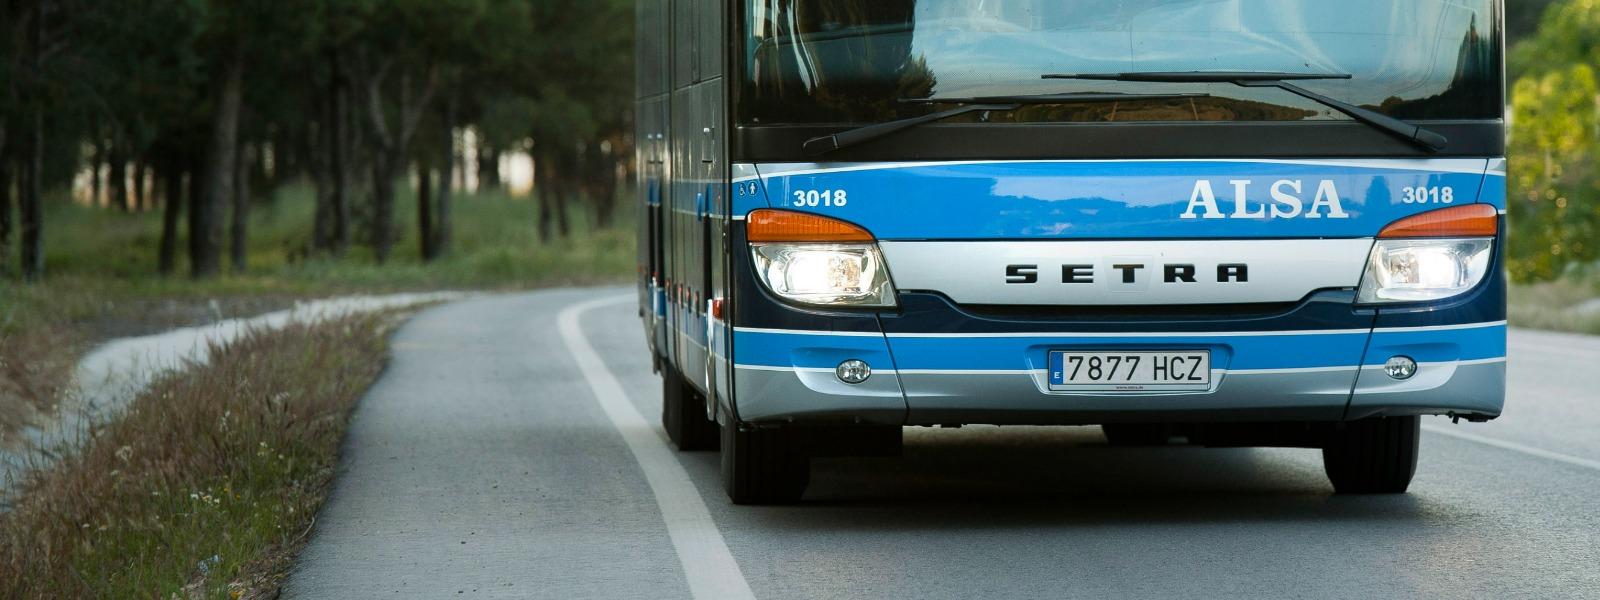 ALSA necesita personal en toda España: conductores, mecánicos, agentes de ventas, etc.